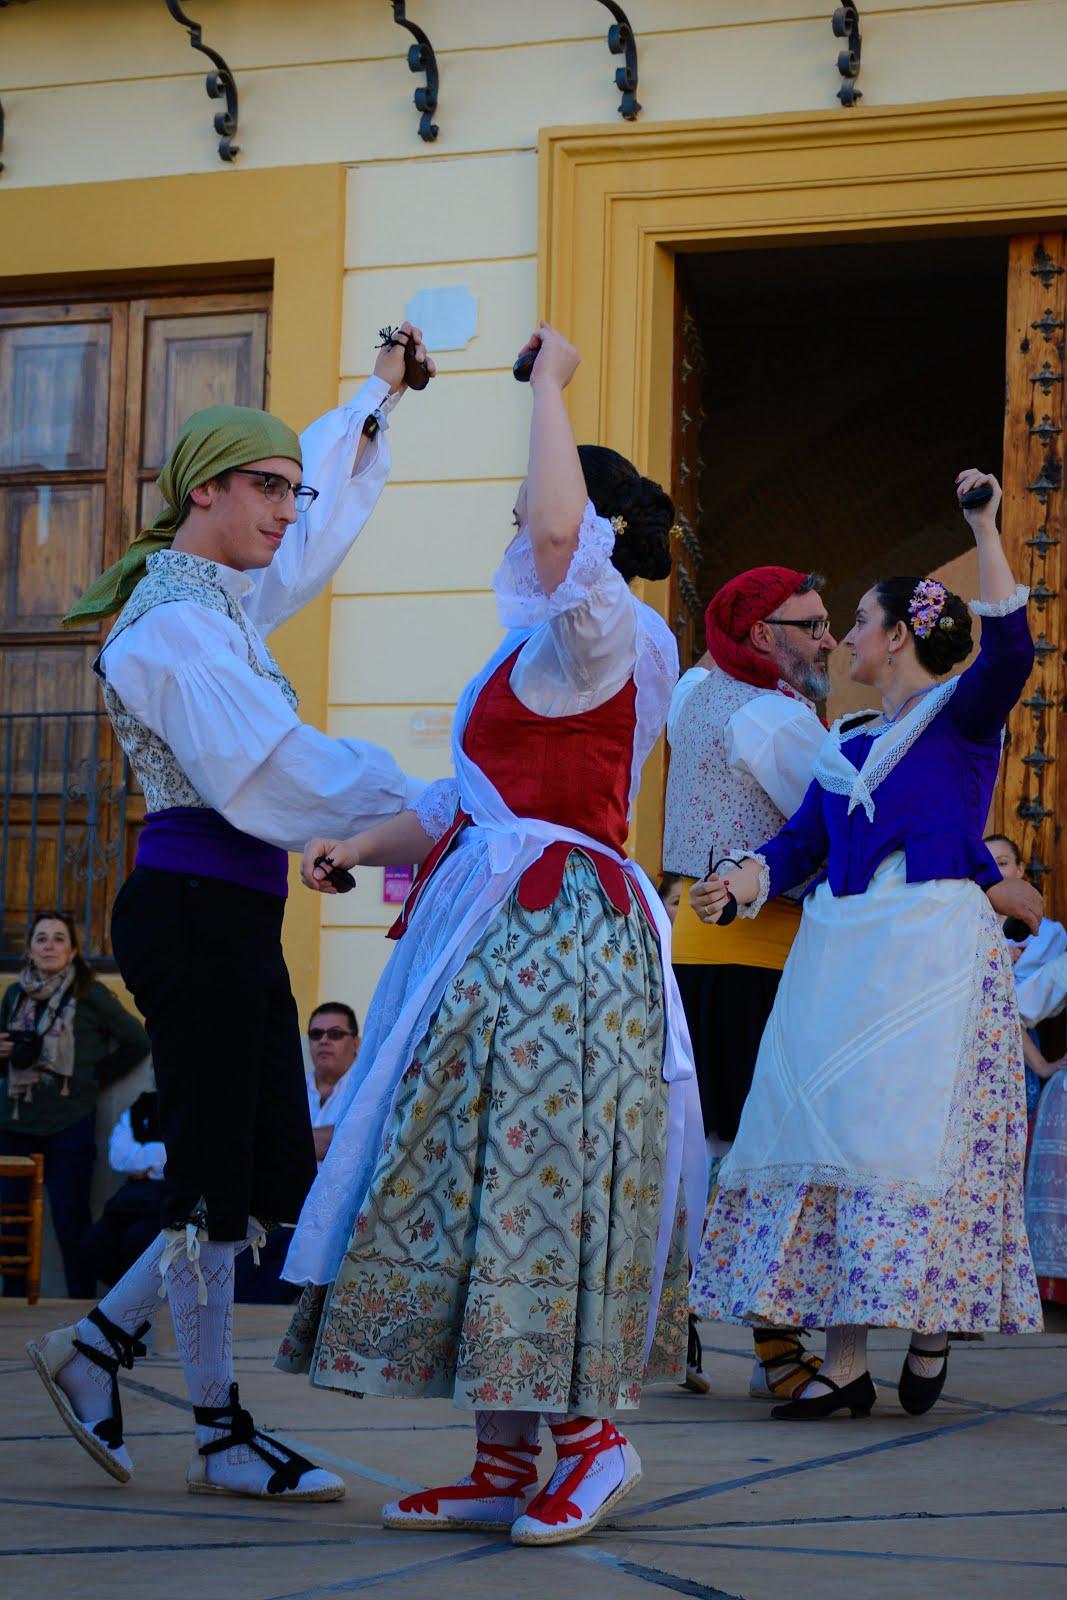 Danses i balls al Palau